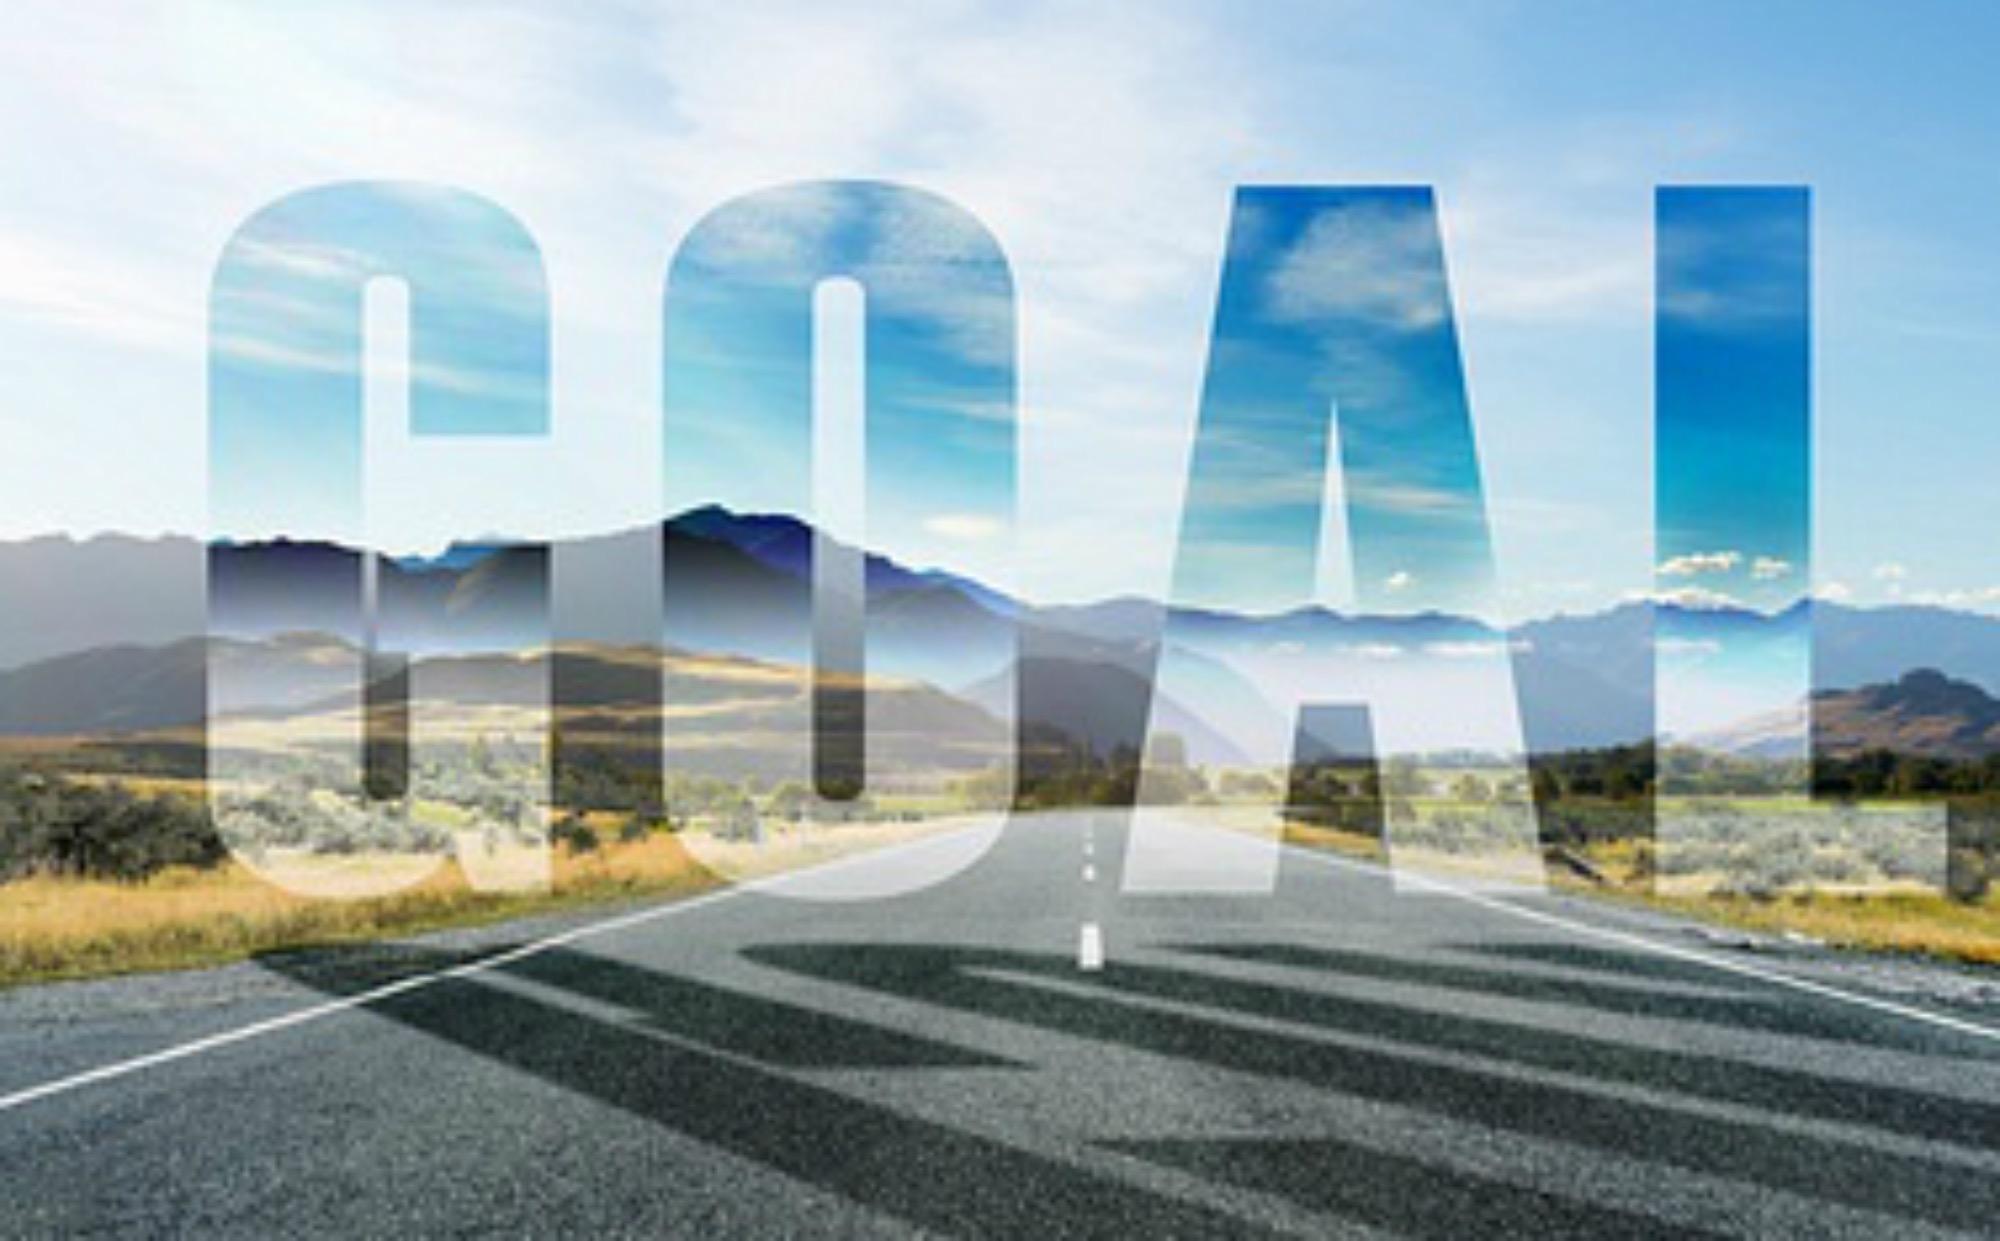 Mijn doel